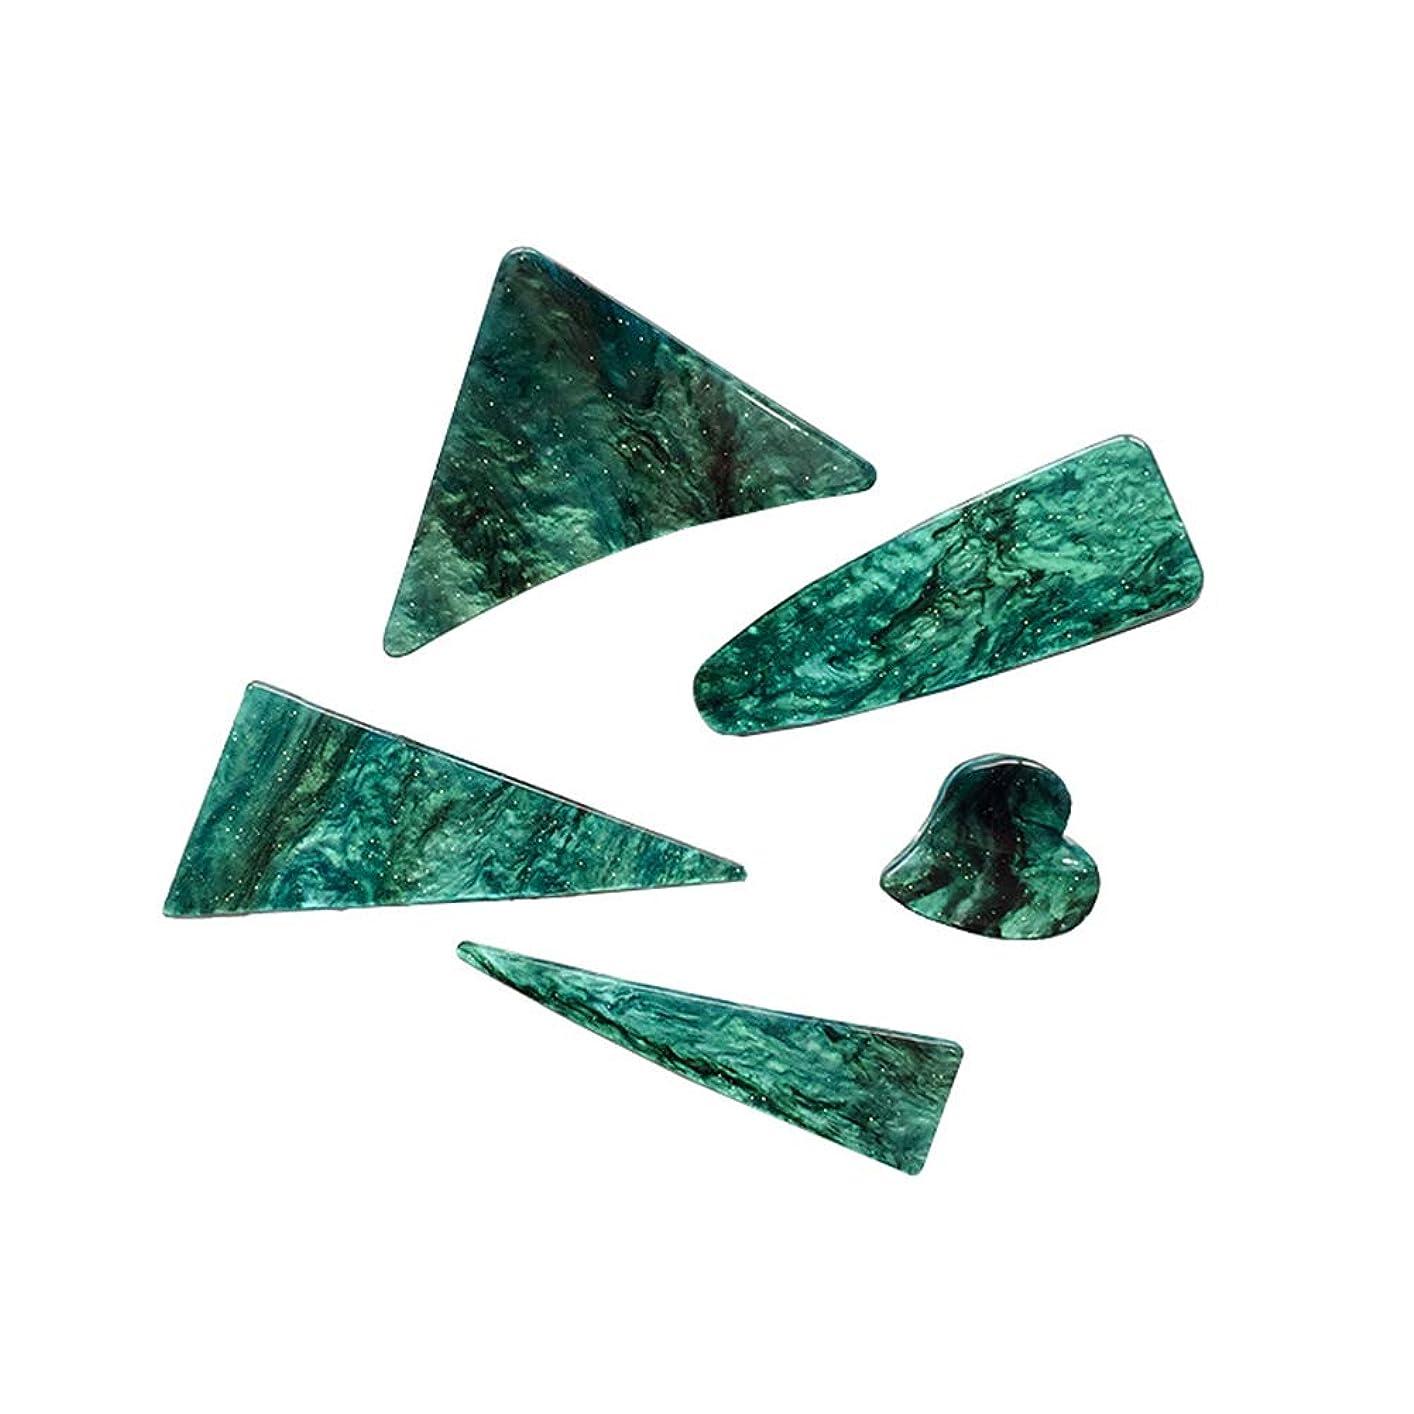 またはこどもの日儀式LURROSE 5ピースジョークリップヘアピンヘアクリップ三角形ヘアピンクランプバレットスタイリングヘアアクセサリー